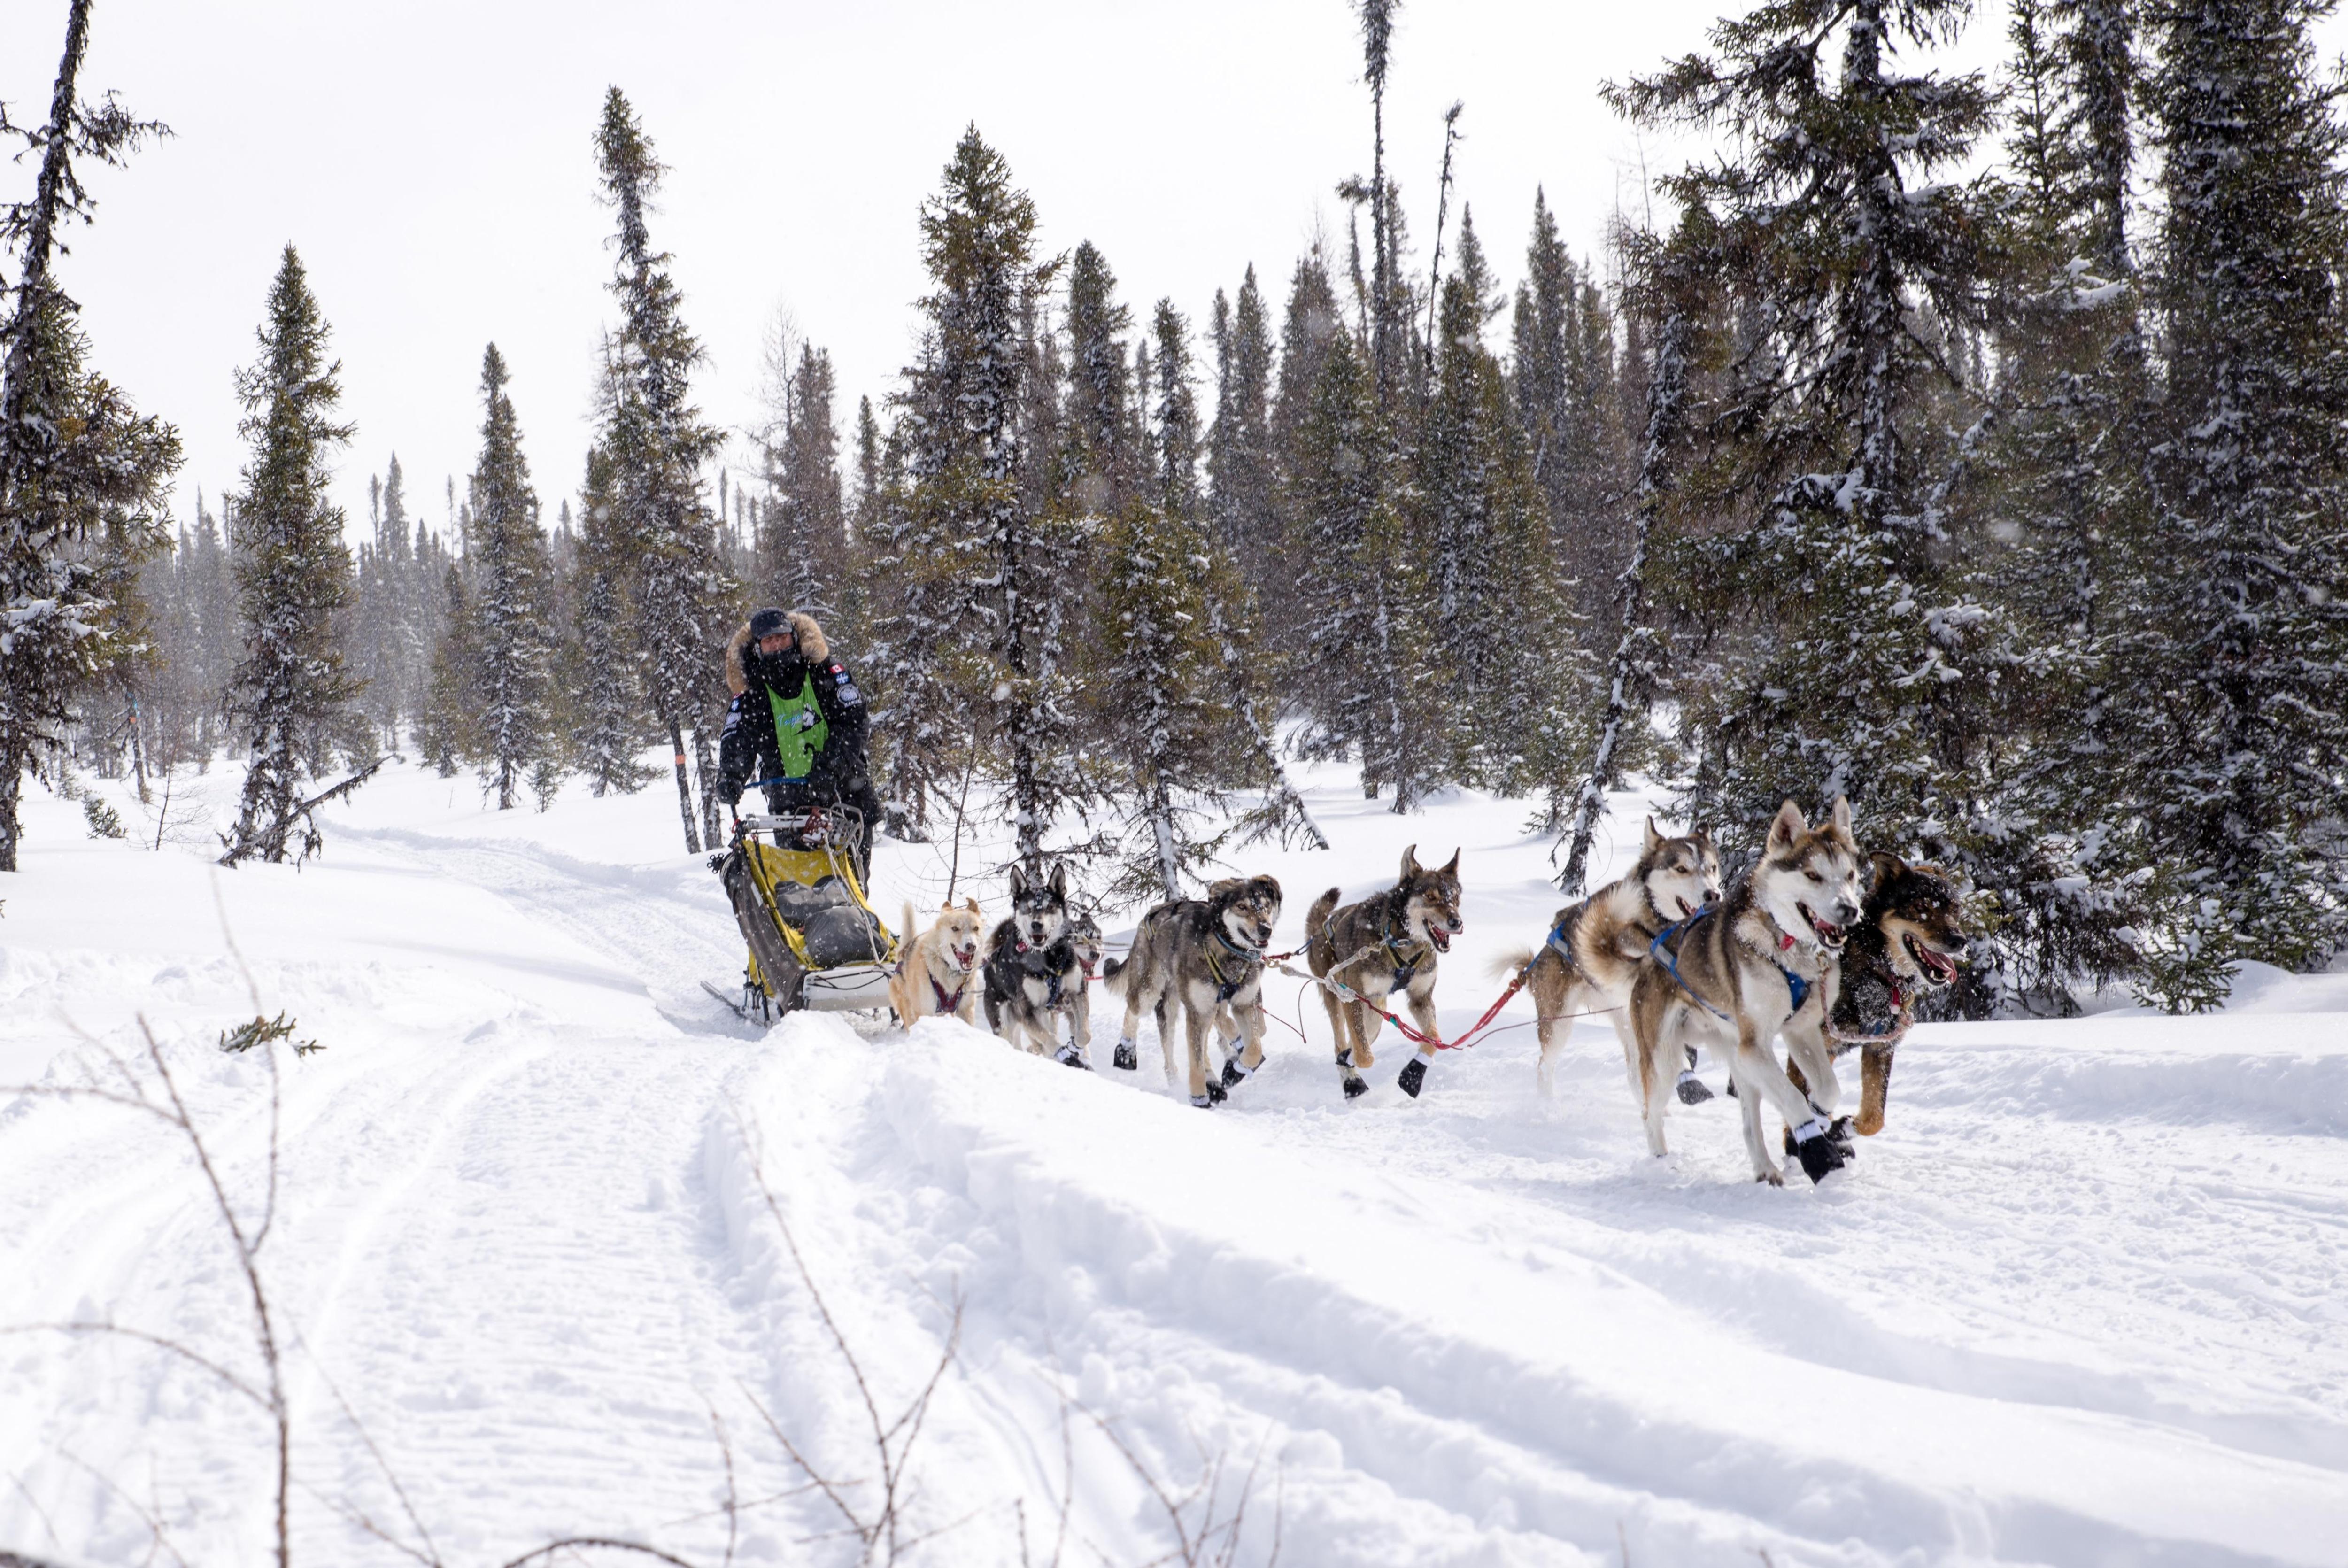 Le meneur de chiens Martin Massicotte conduit son attelage dans une section forestière du parcours.